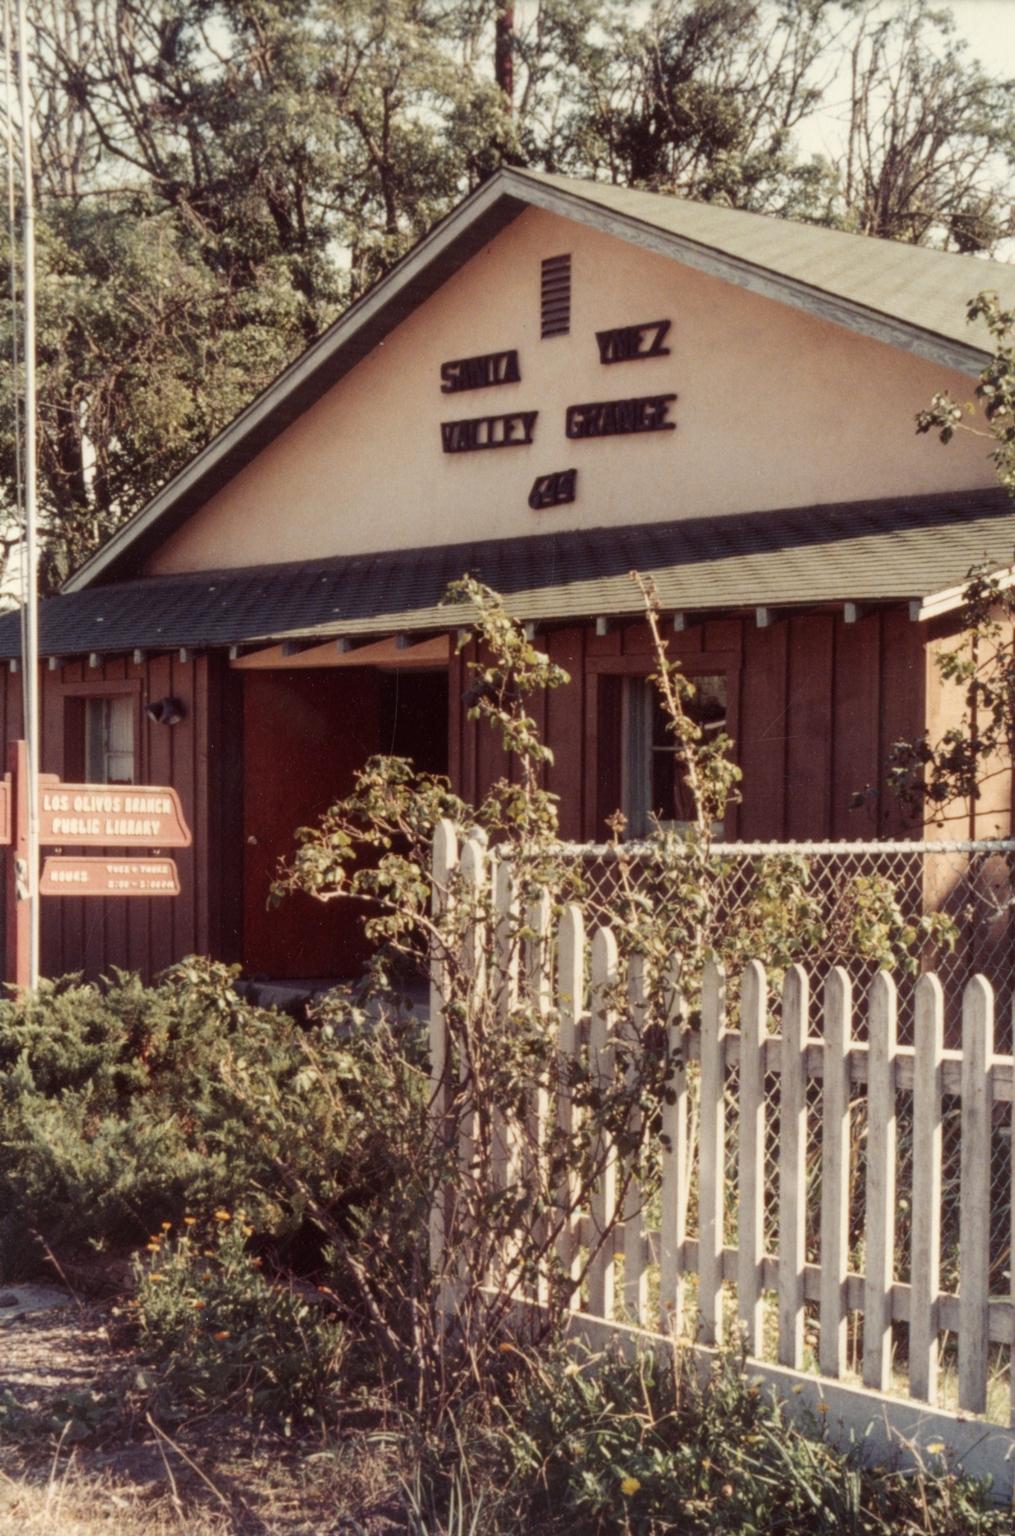 Los Olivos Library